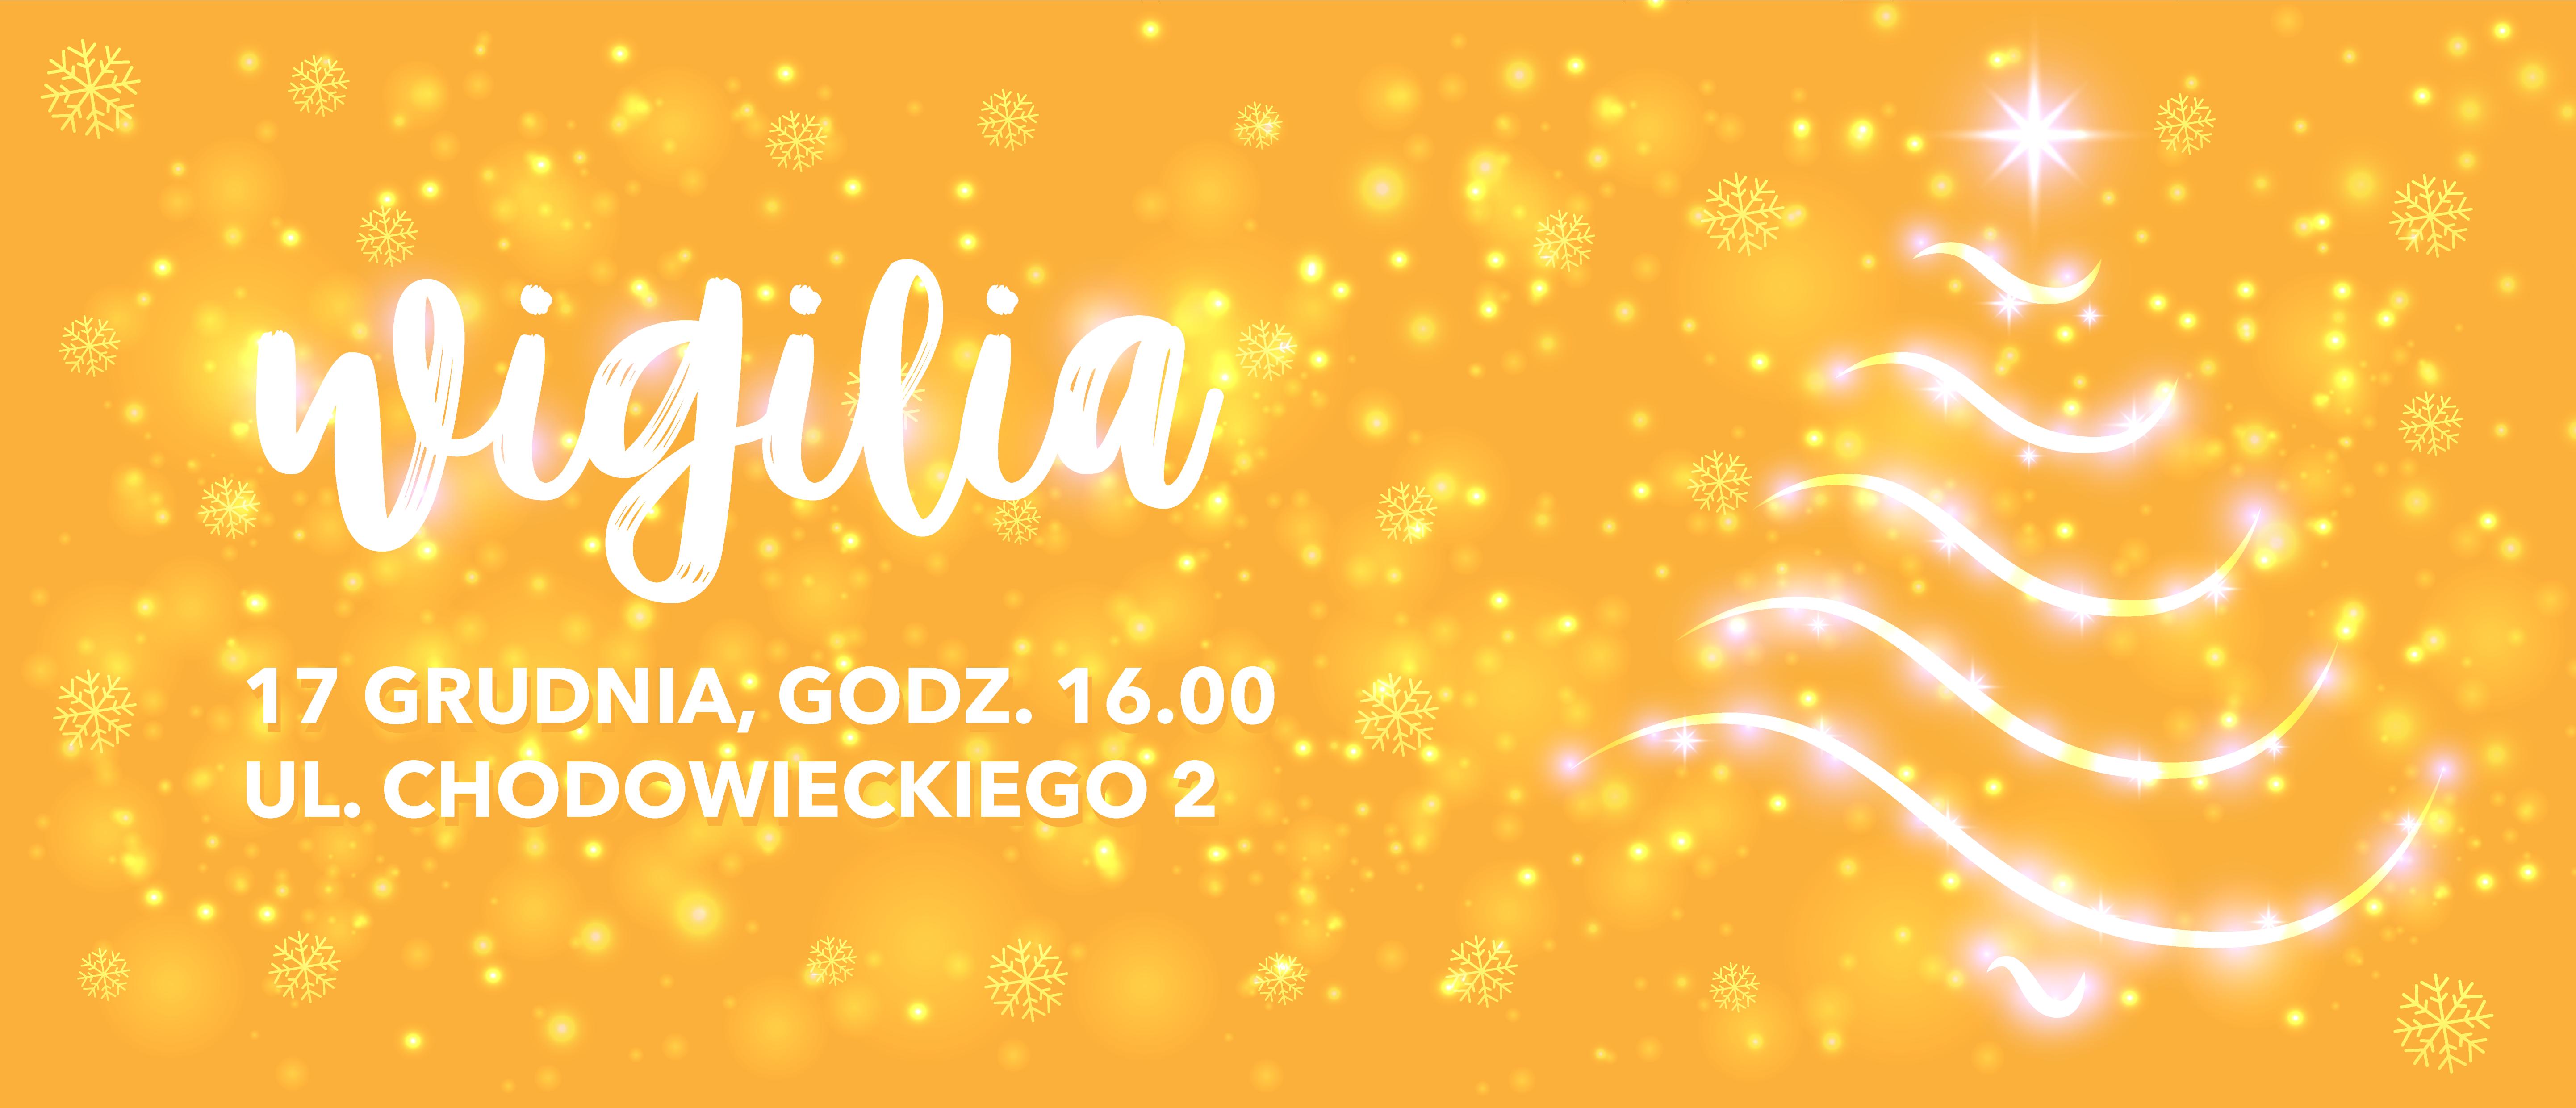 Wigilia Zborowa